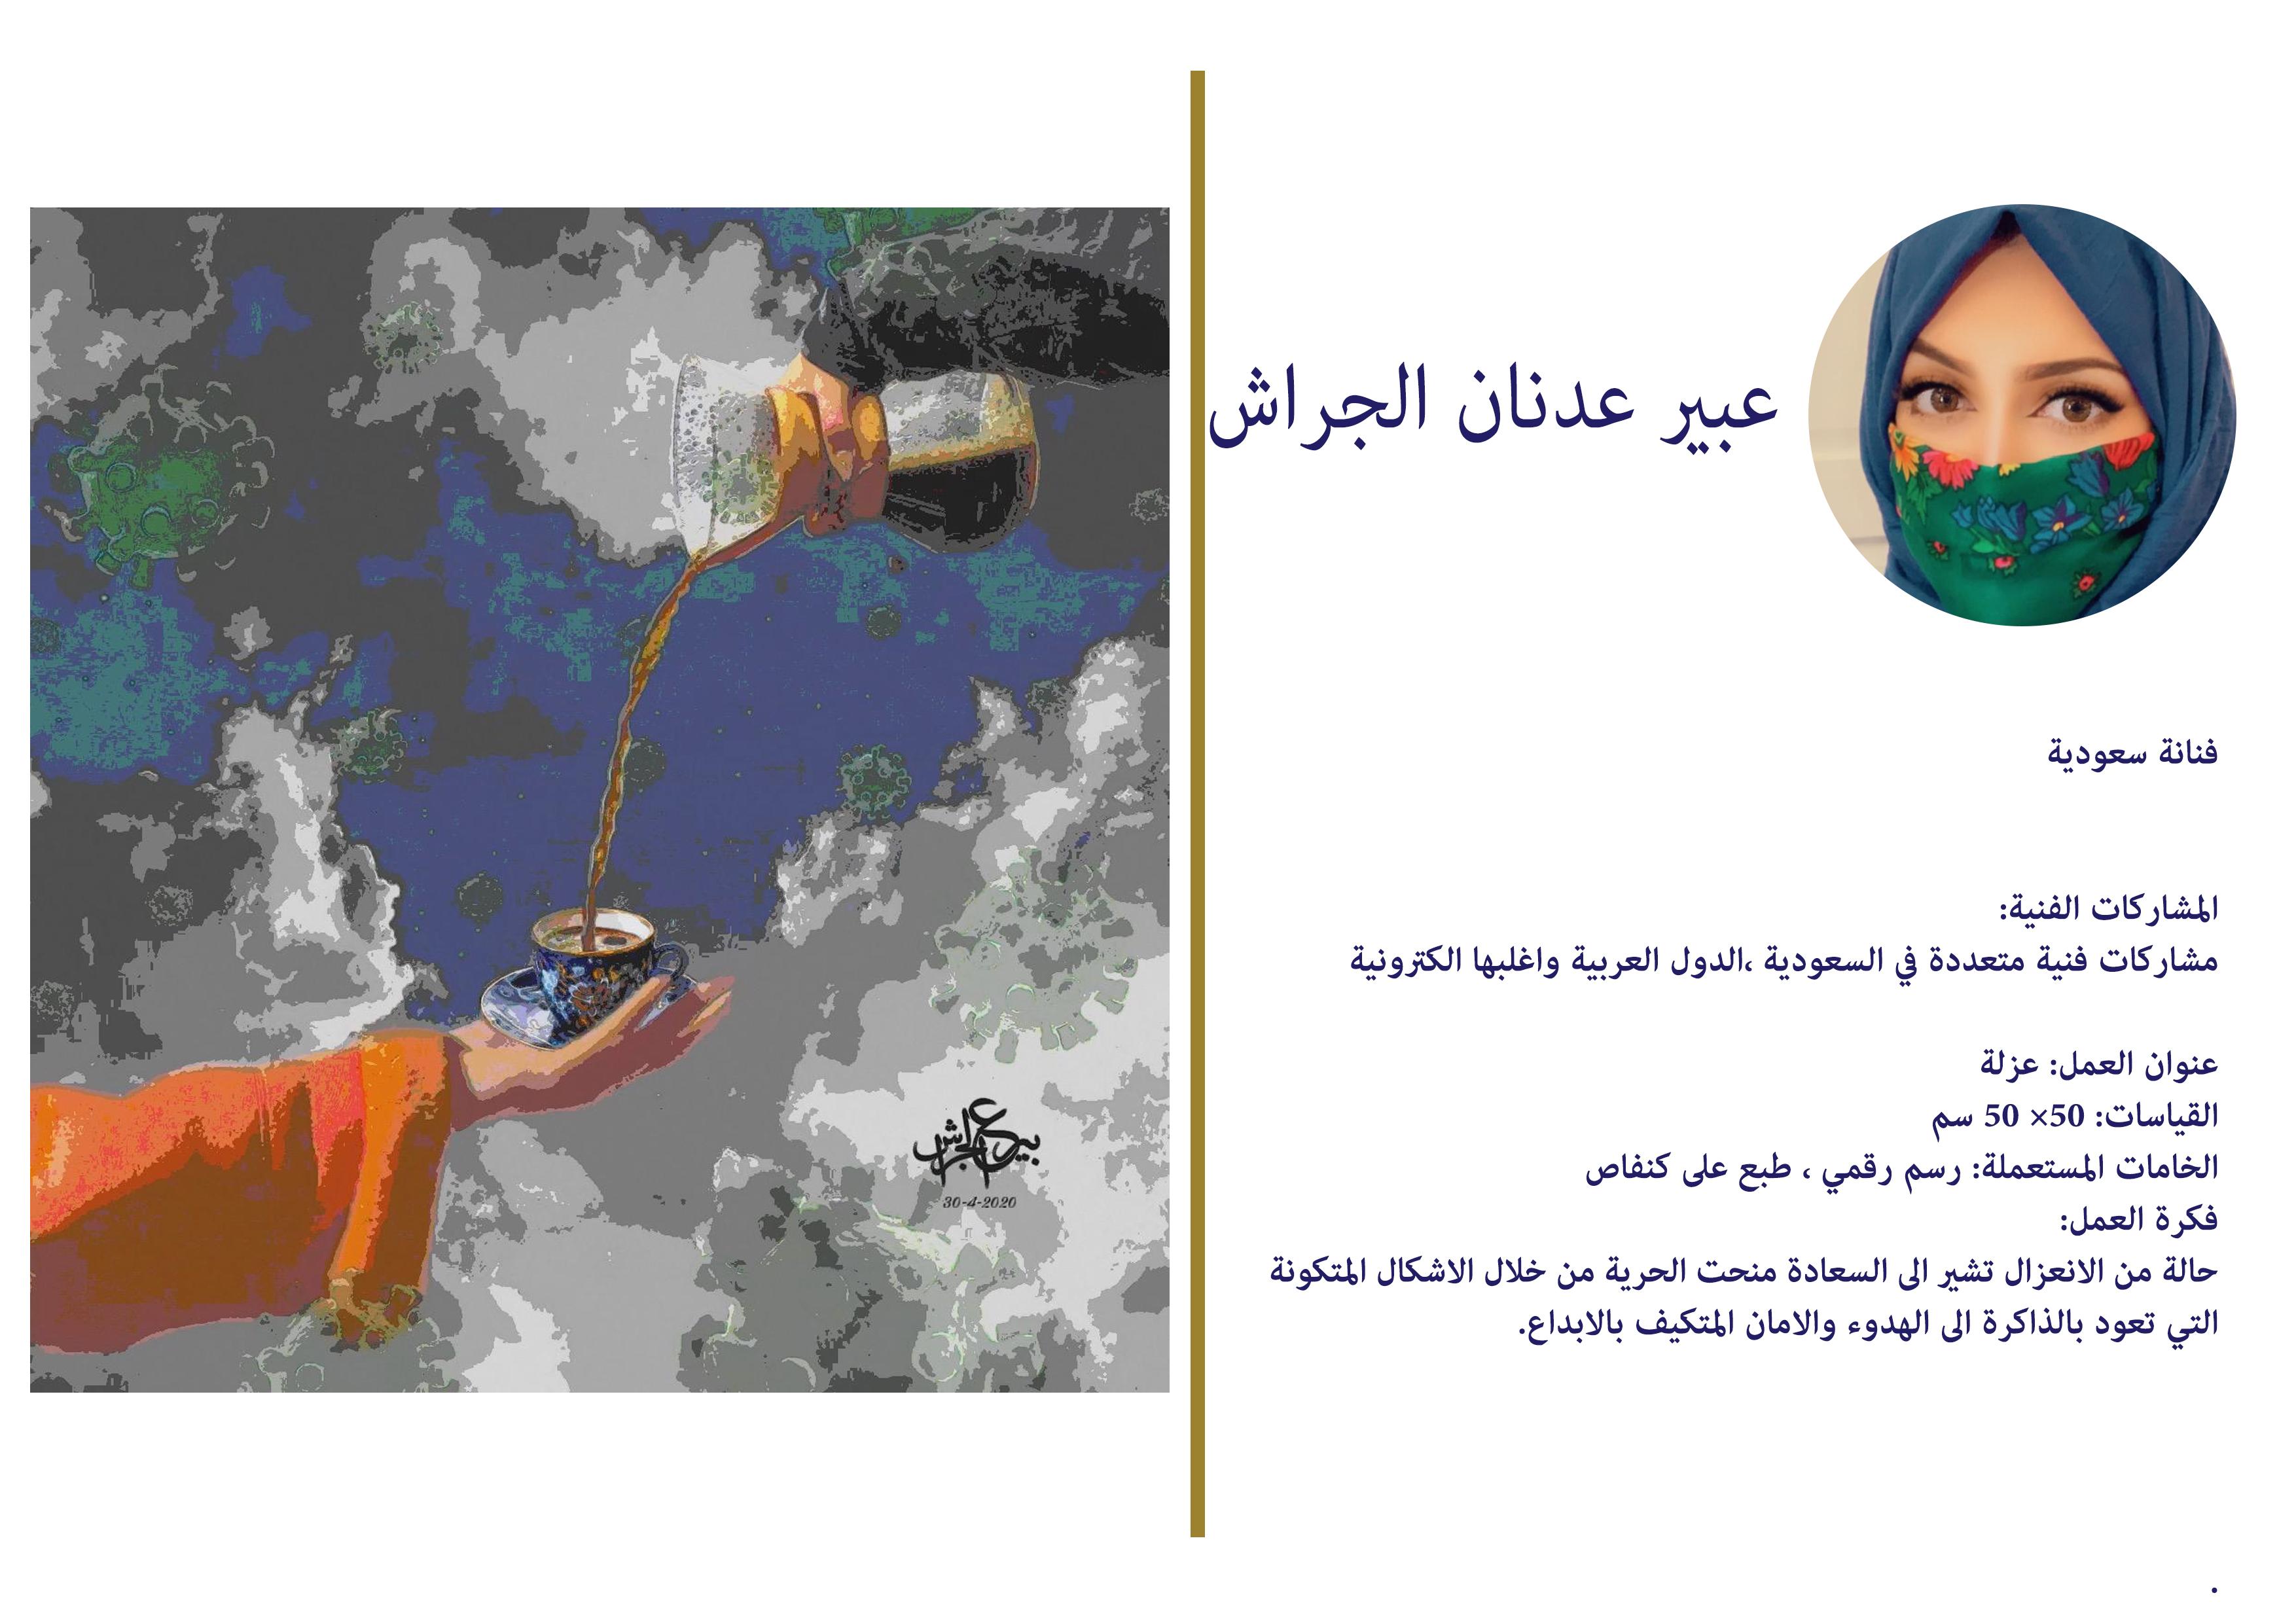 عبير عدنان الجراش